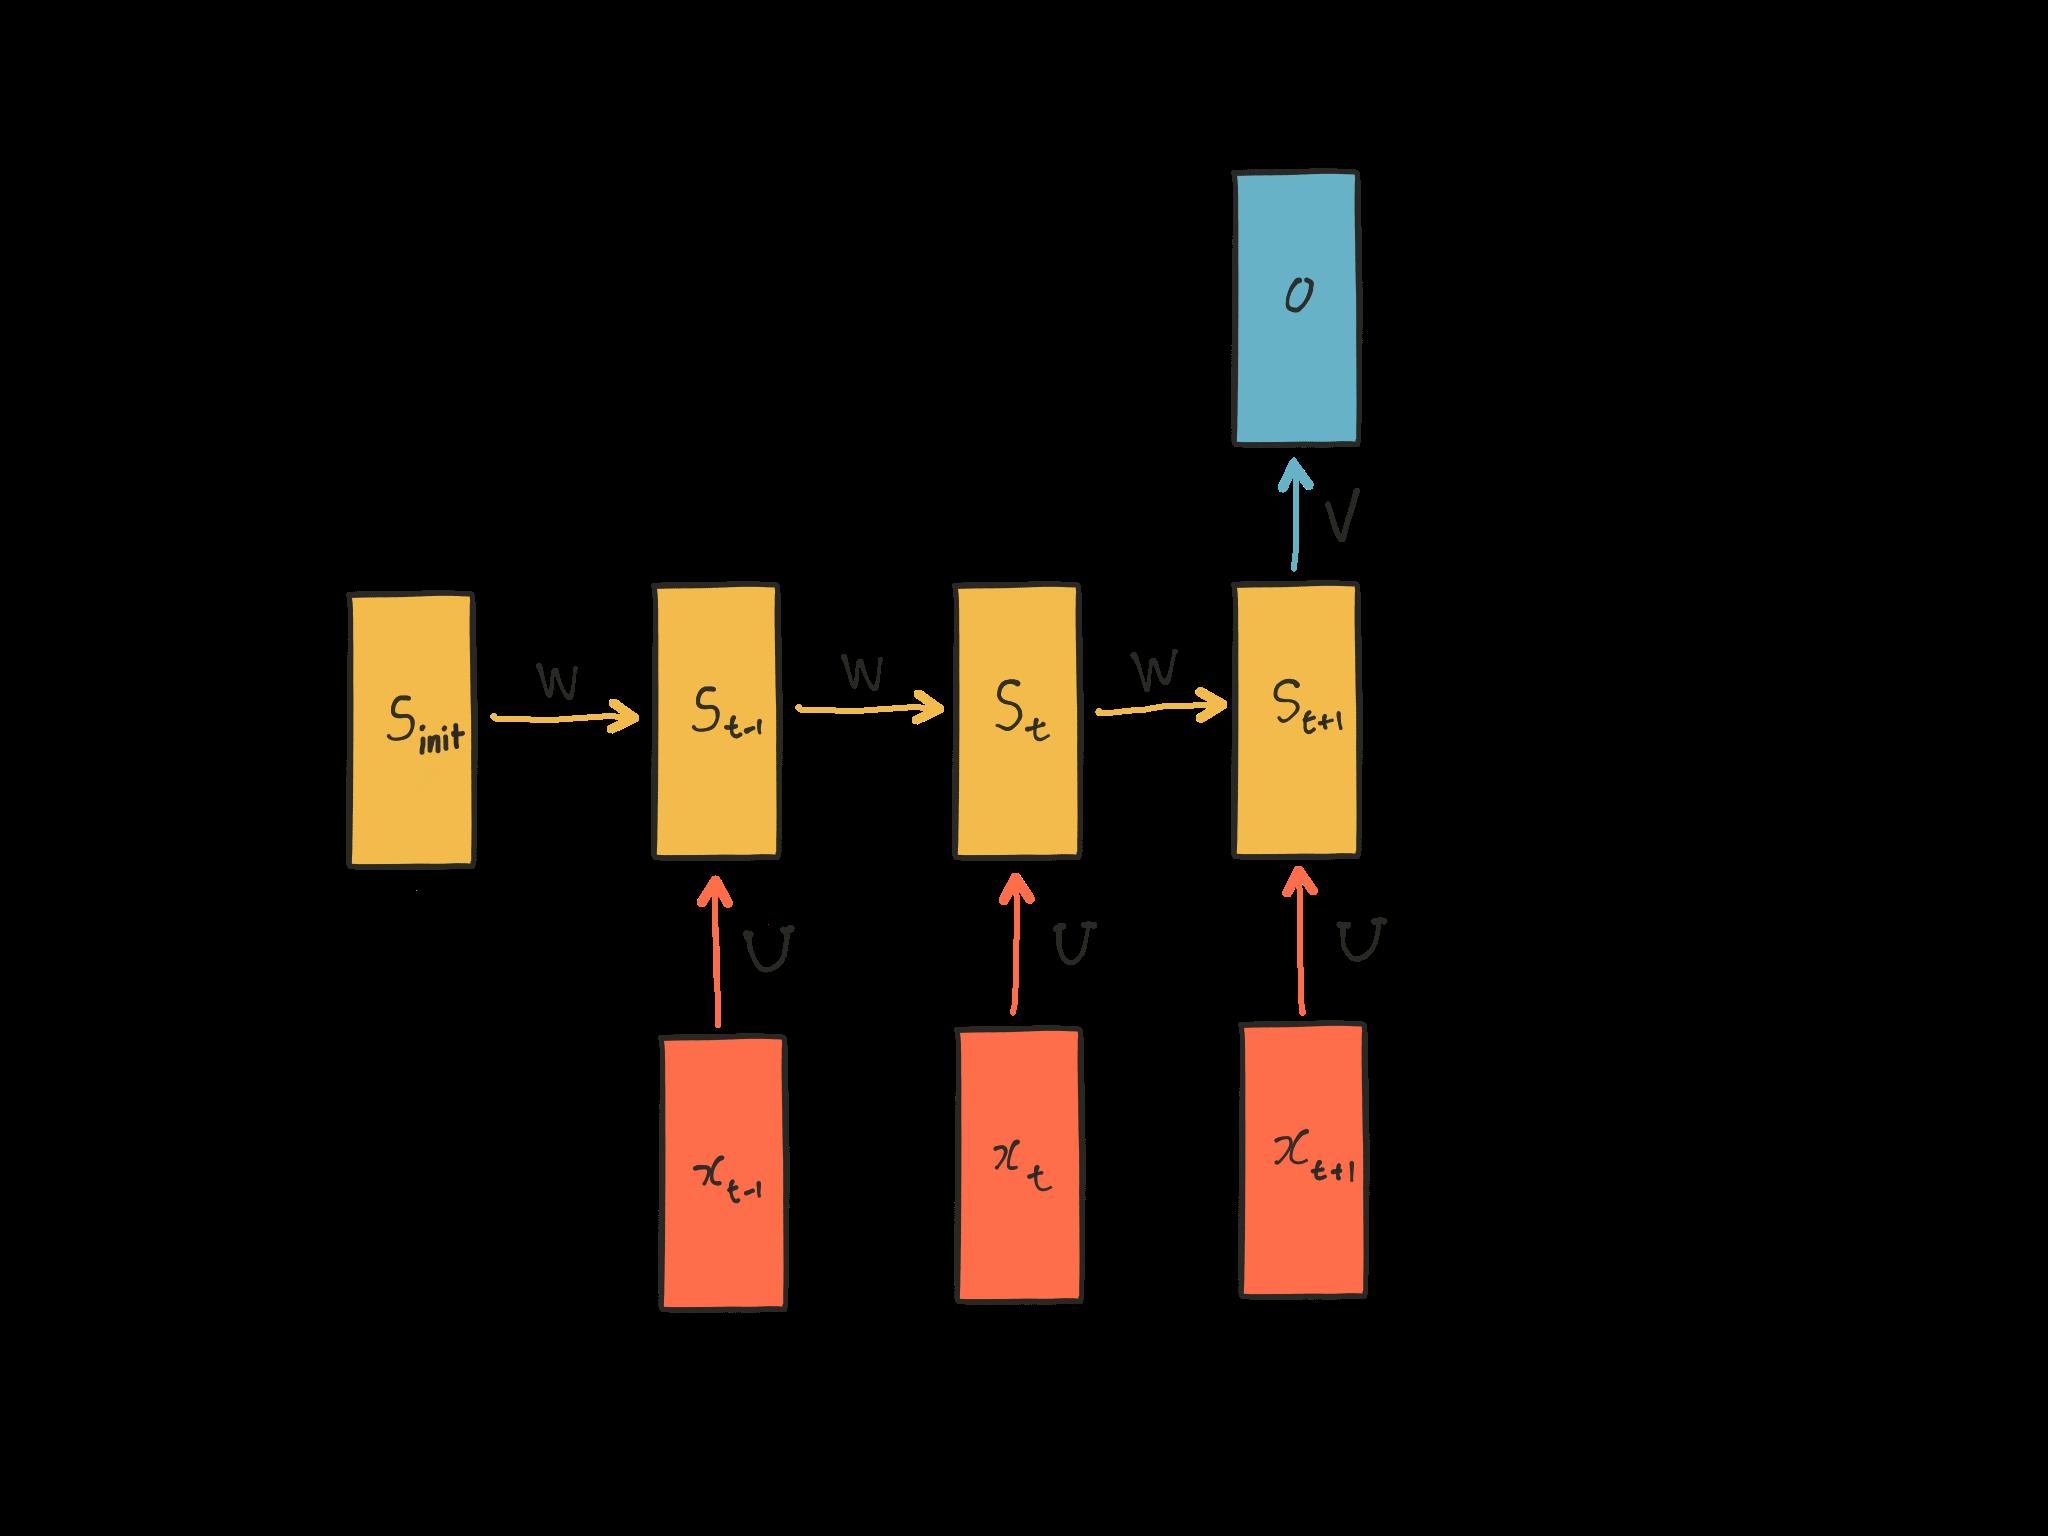 변수가 정의된 RNN 다이어그램